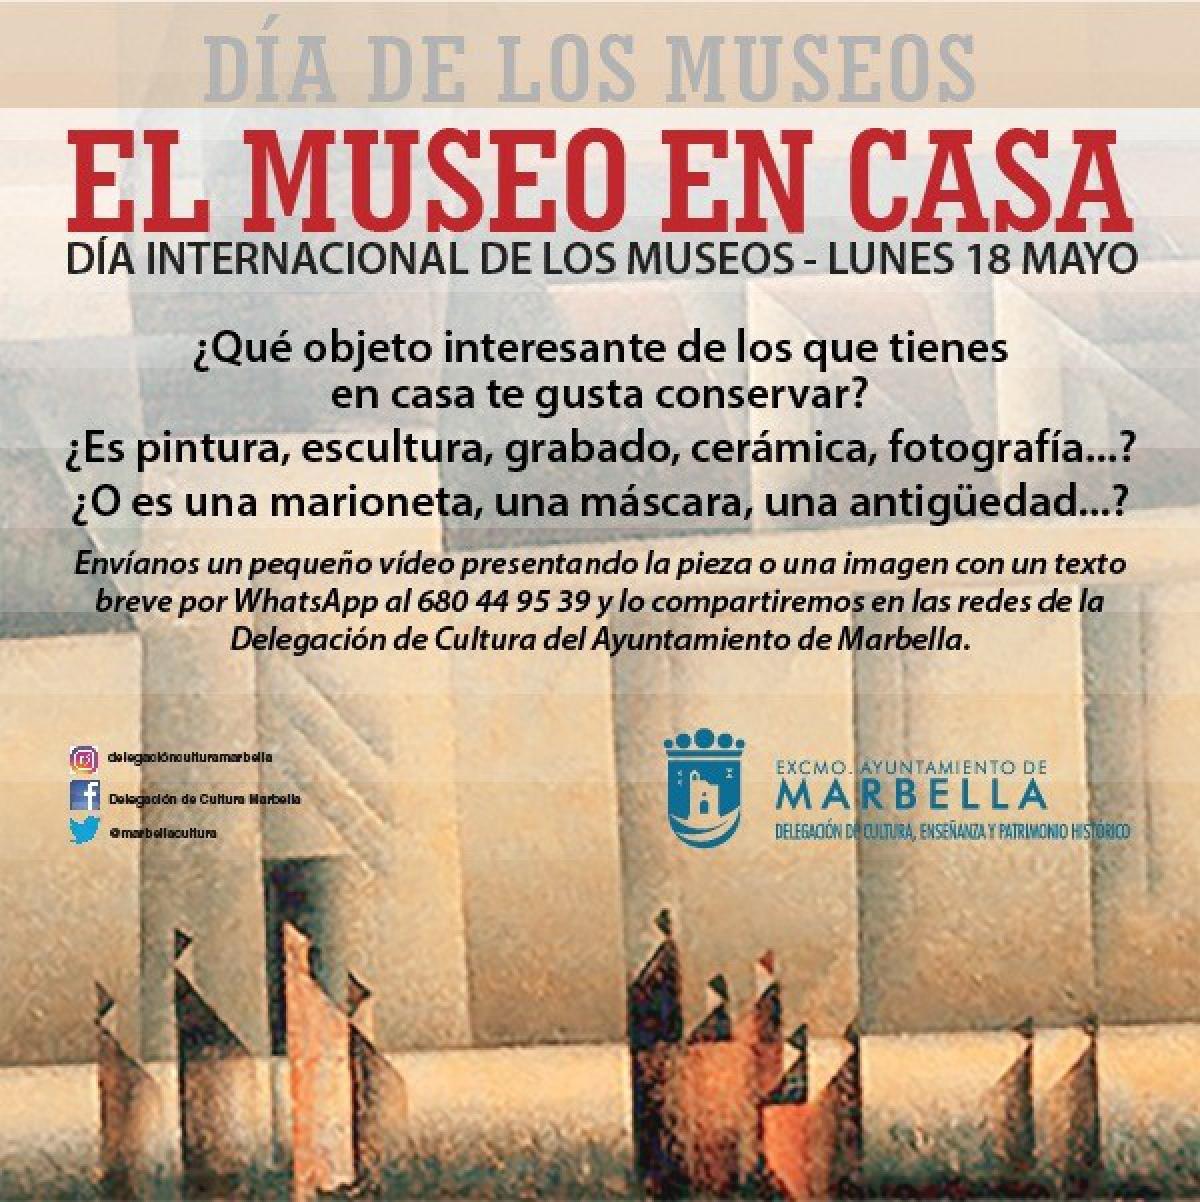 La concejalía de Cultura invita a los ciudadanos a convertirse en museólogos en sus propios hogares para celebrar el Día Internacional de los Museos el 18 de mayo